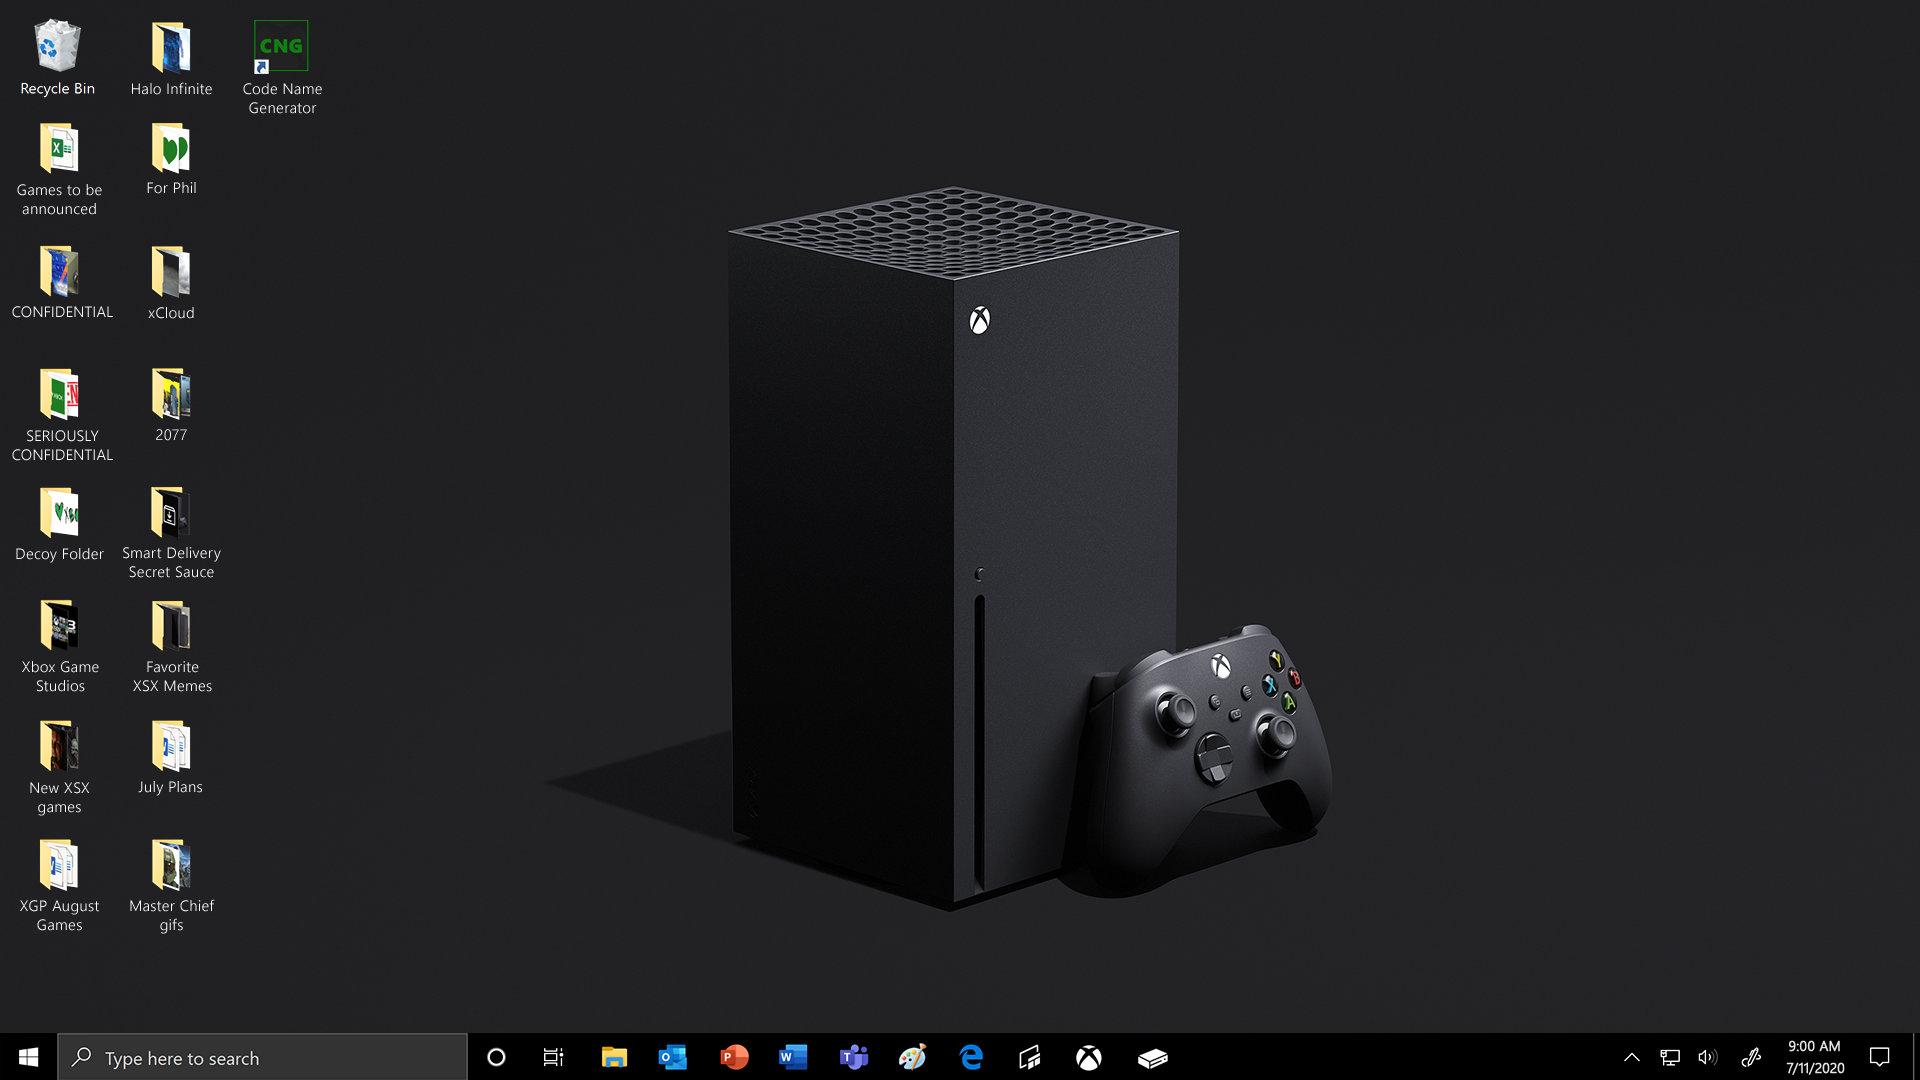 微软推出免费Win10的Xbox Series X主题 很多彩蛋